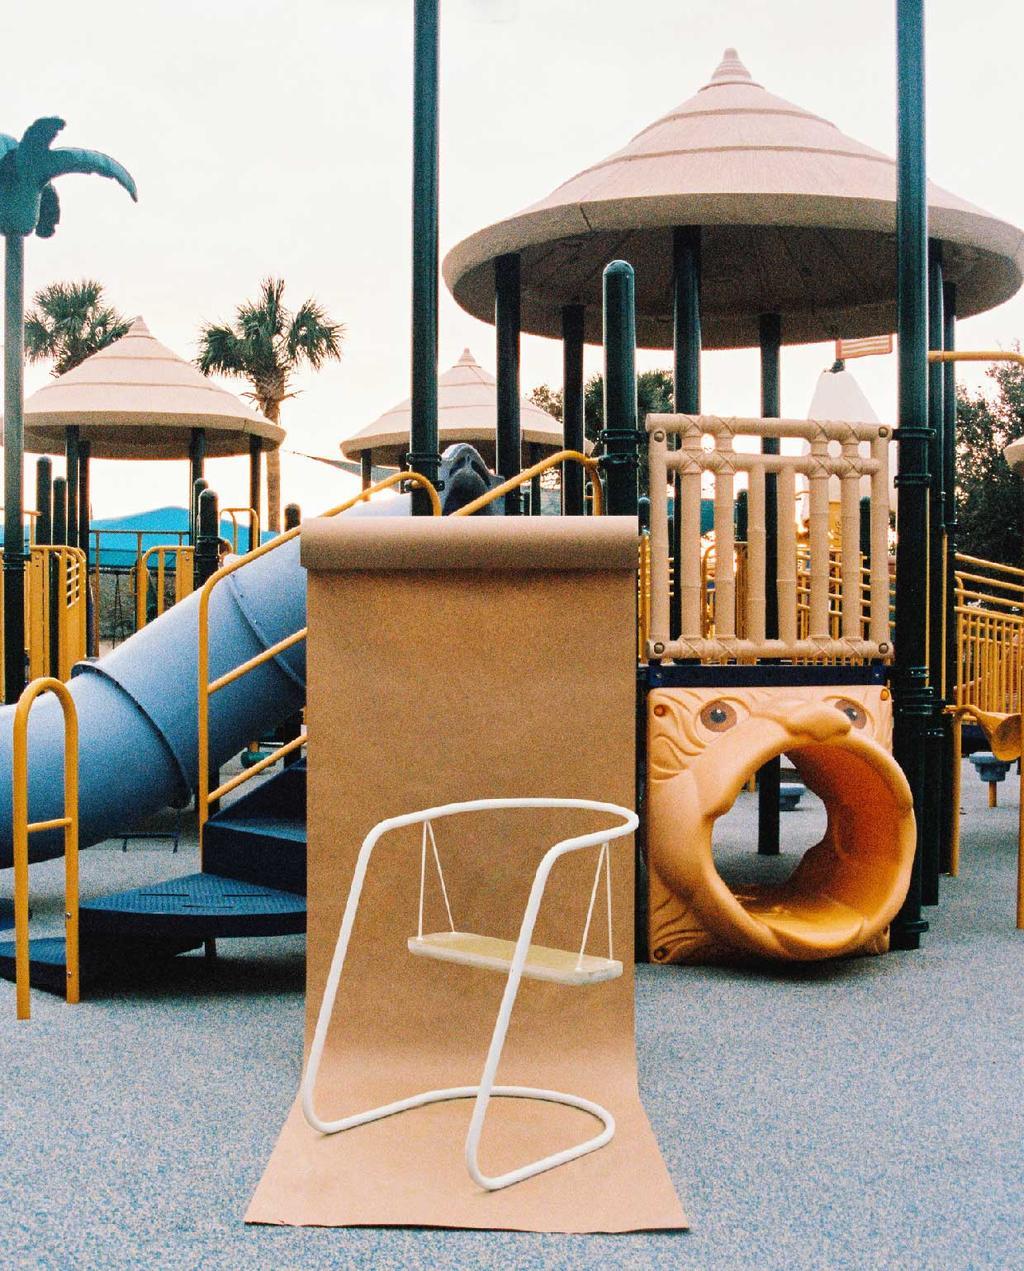 vtwonen blog StudentDesign | design voor buiten | schommelstoel voor volwassenen